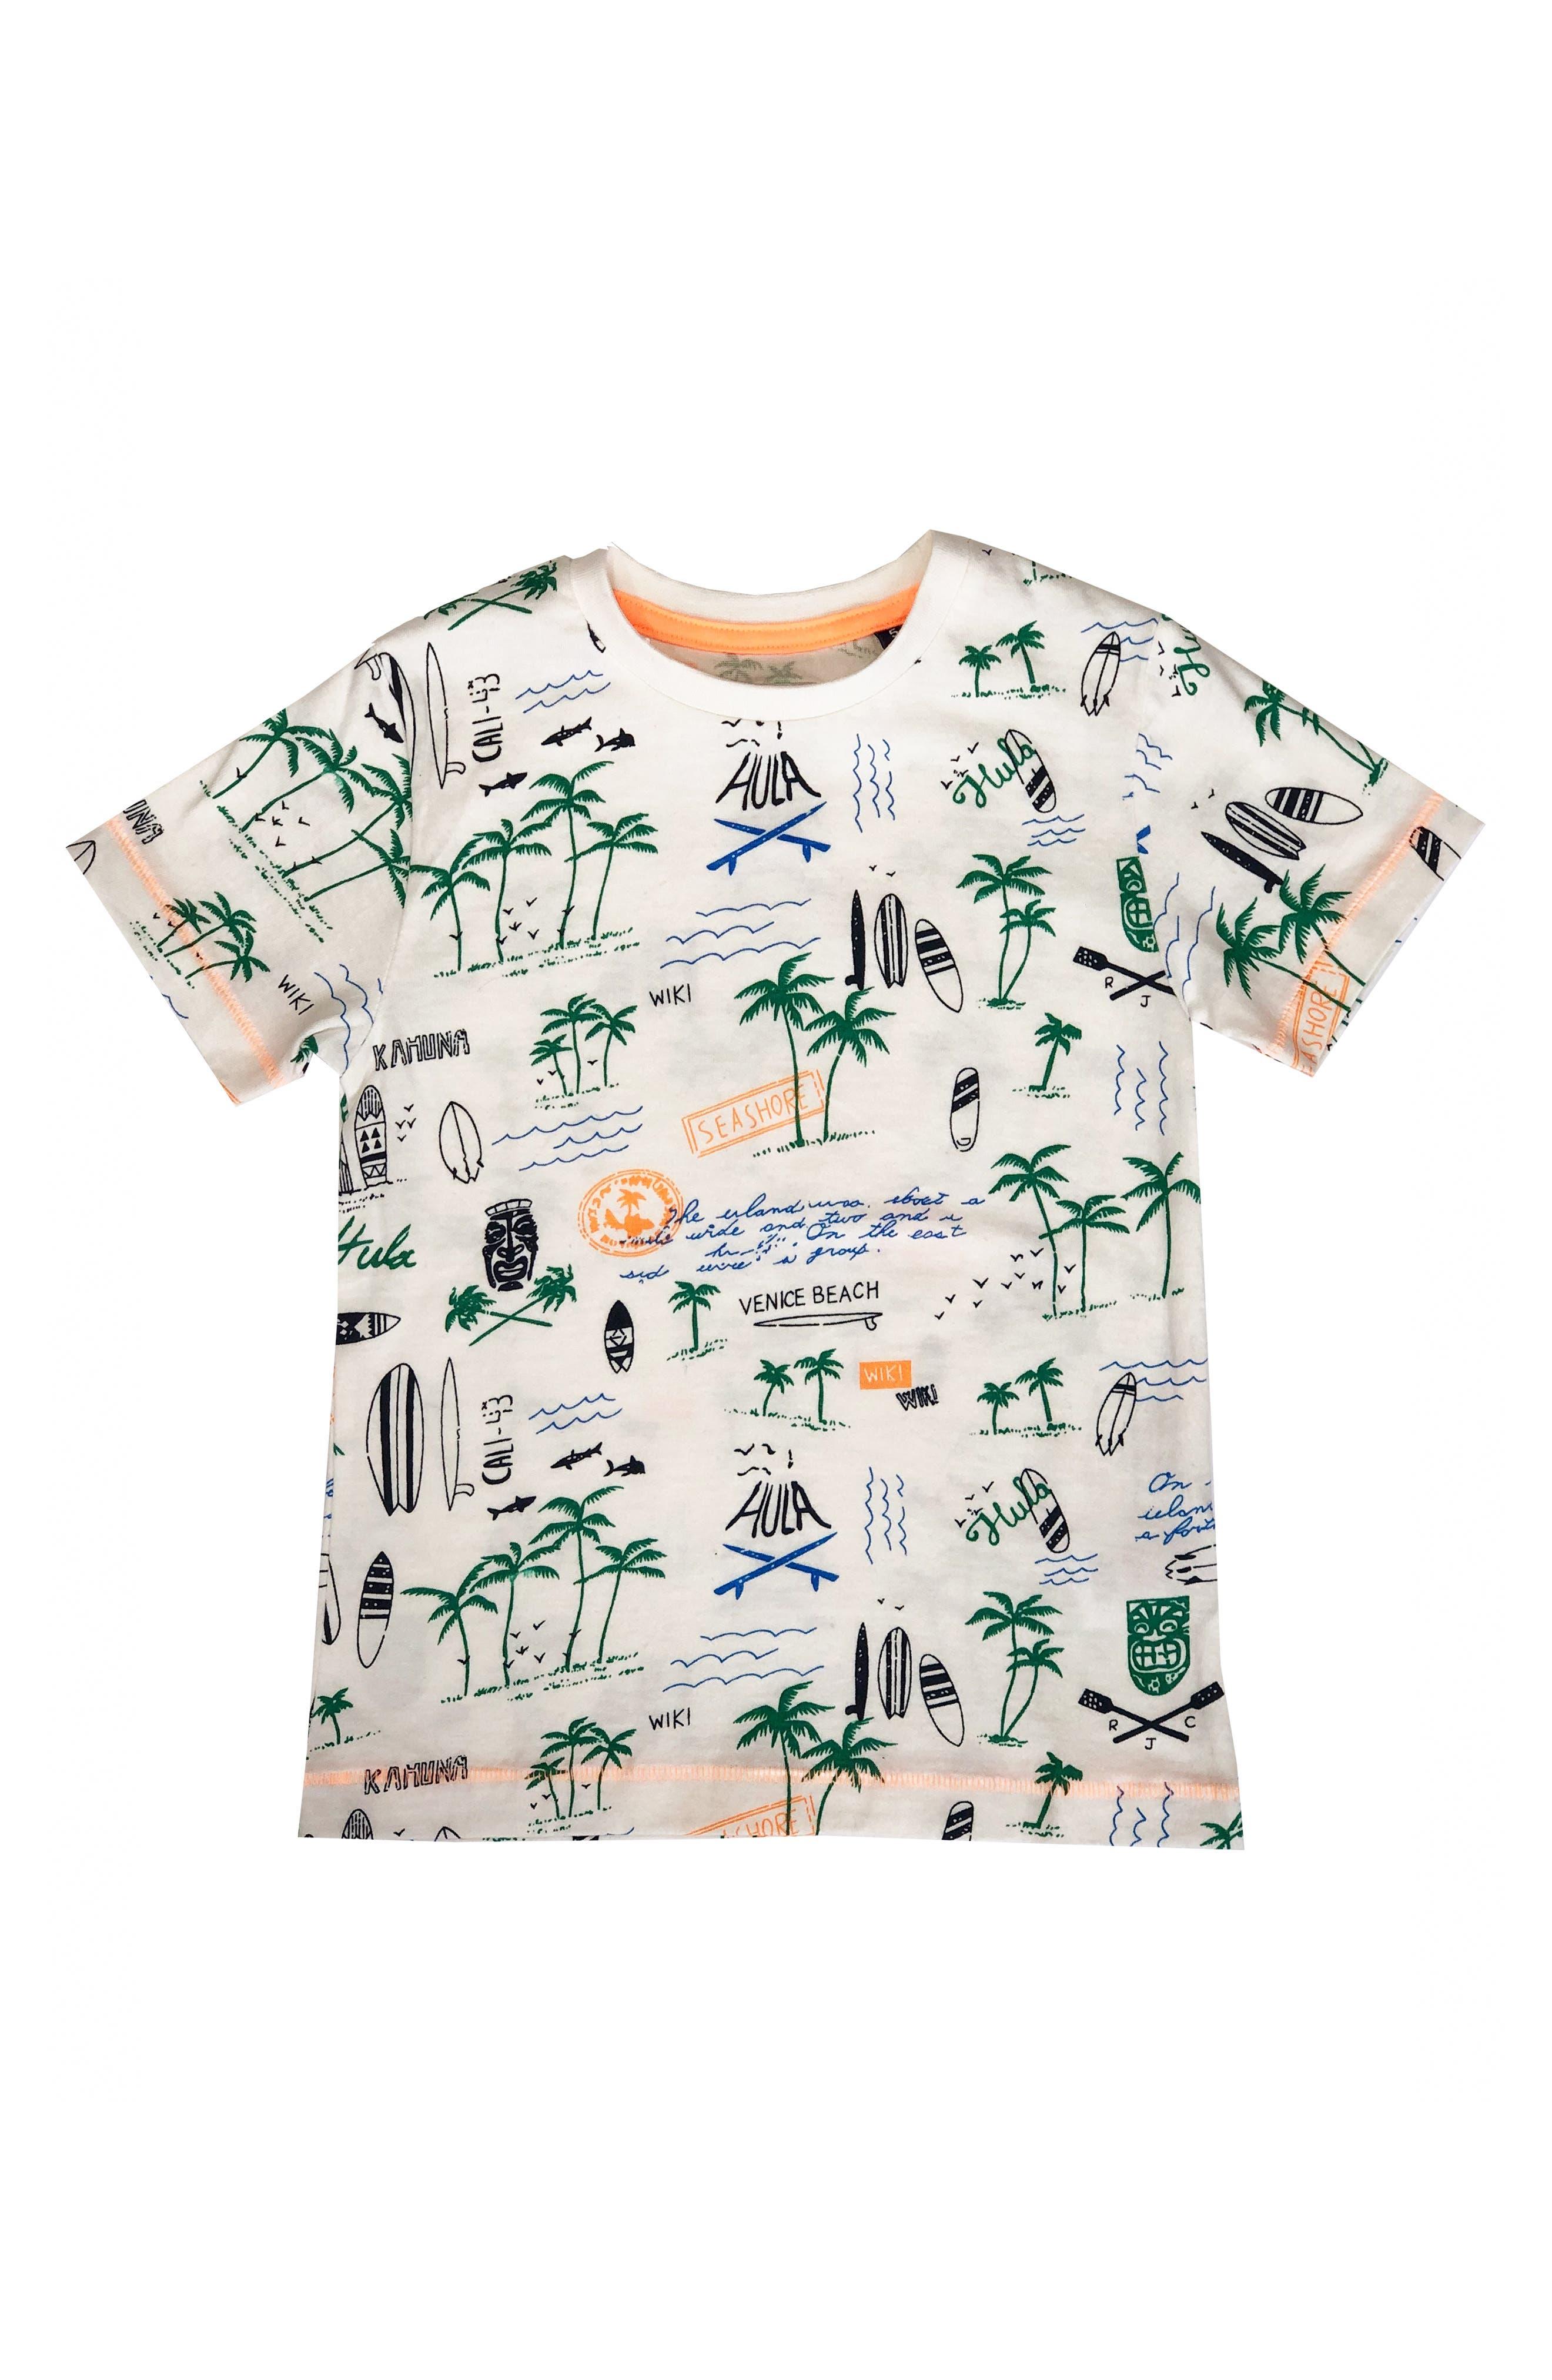 REBEL JAMES & CHARLI, Tiki Print T-Shirt, Main thumbnail 1, color, NATURAL